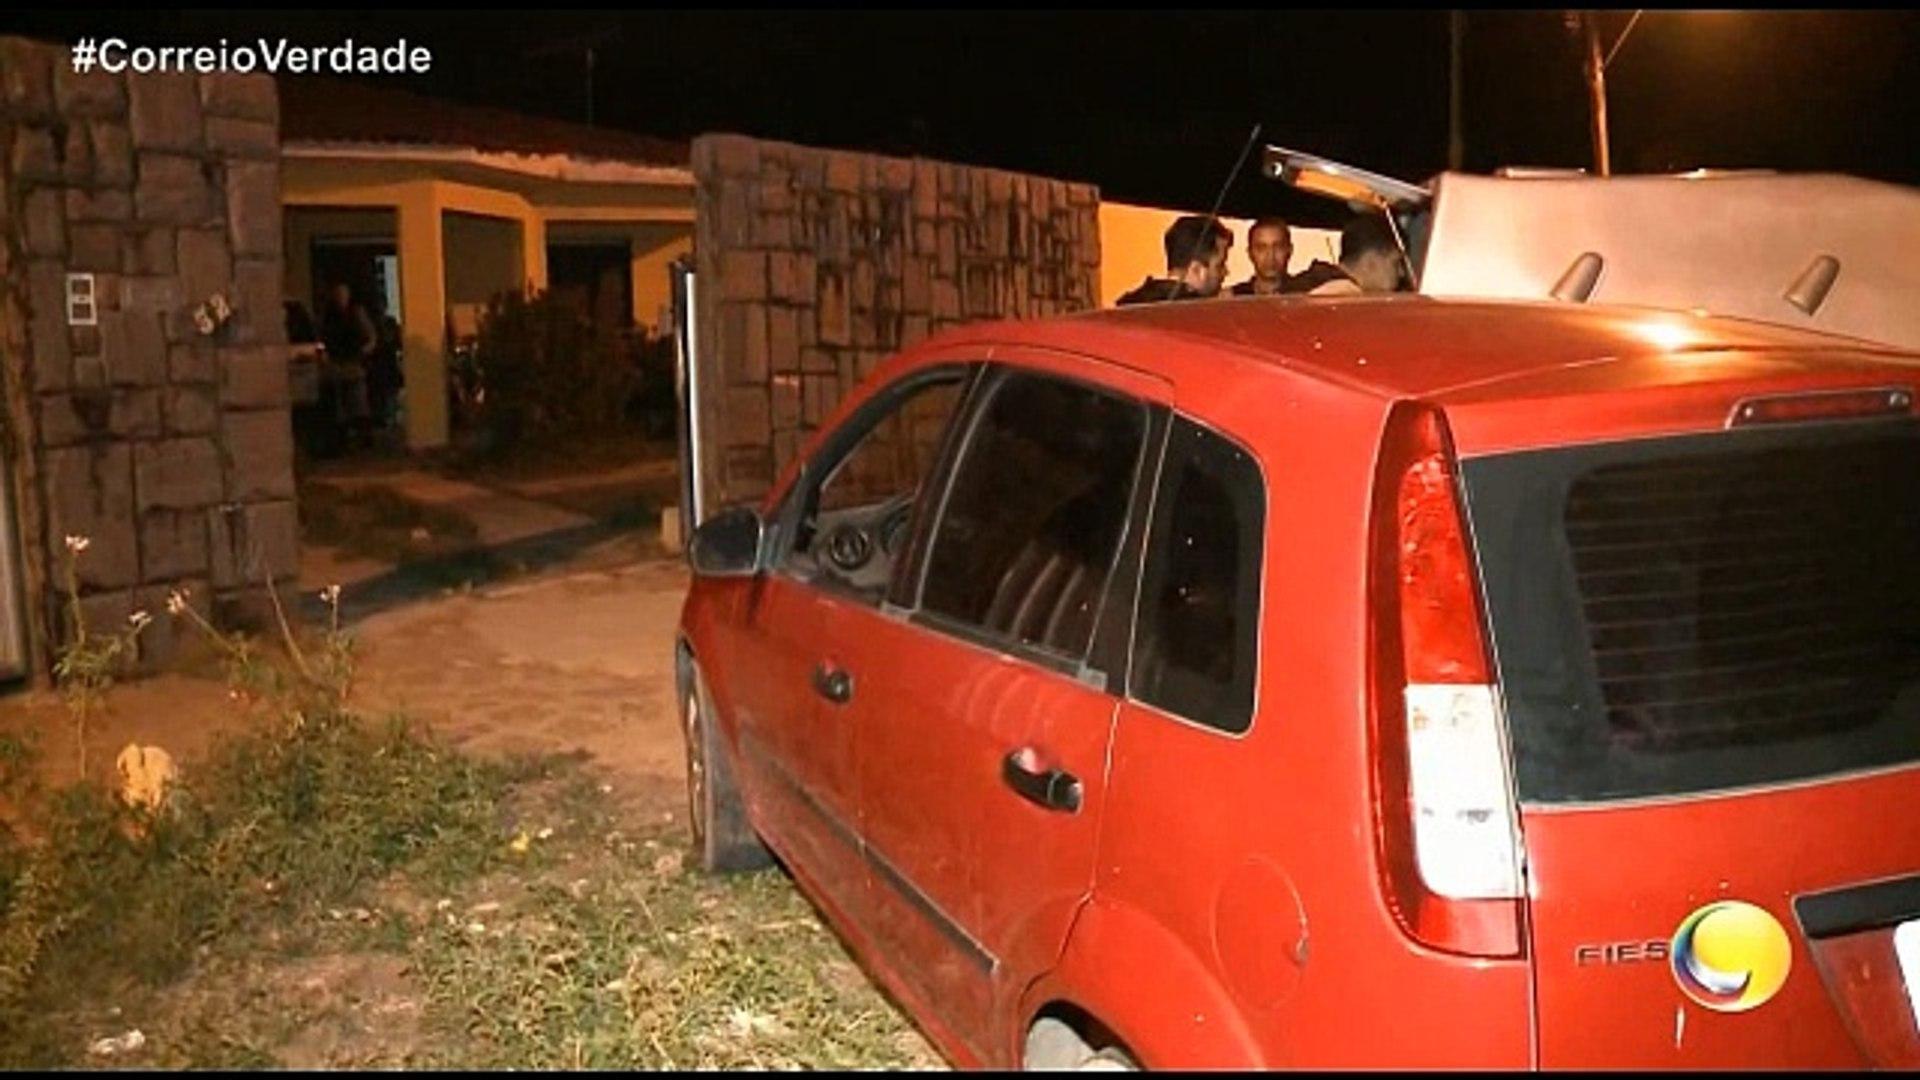 Correio Verdade - Três adolescentes foram detidos em flagrante no momento em que tentavam fugir com